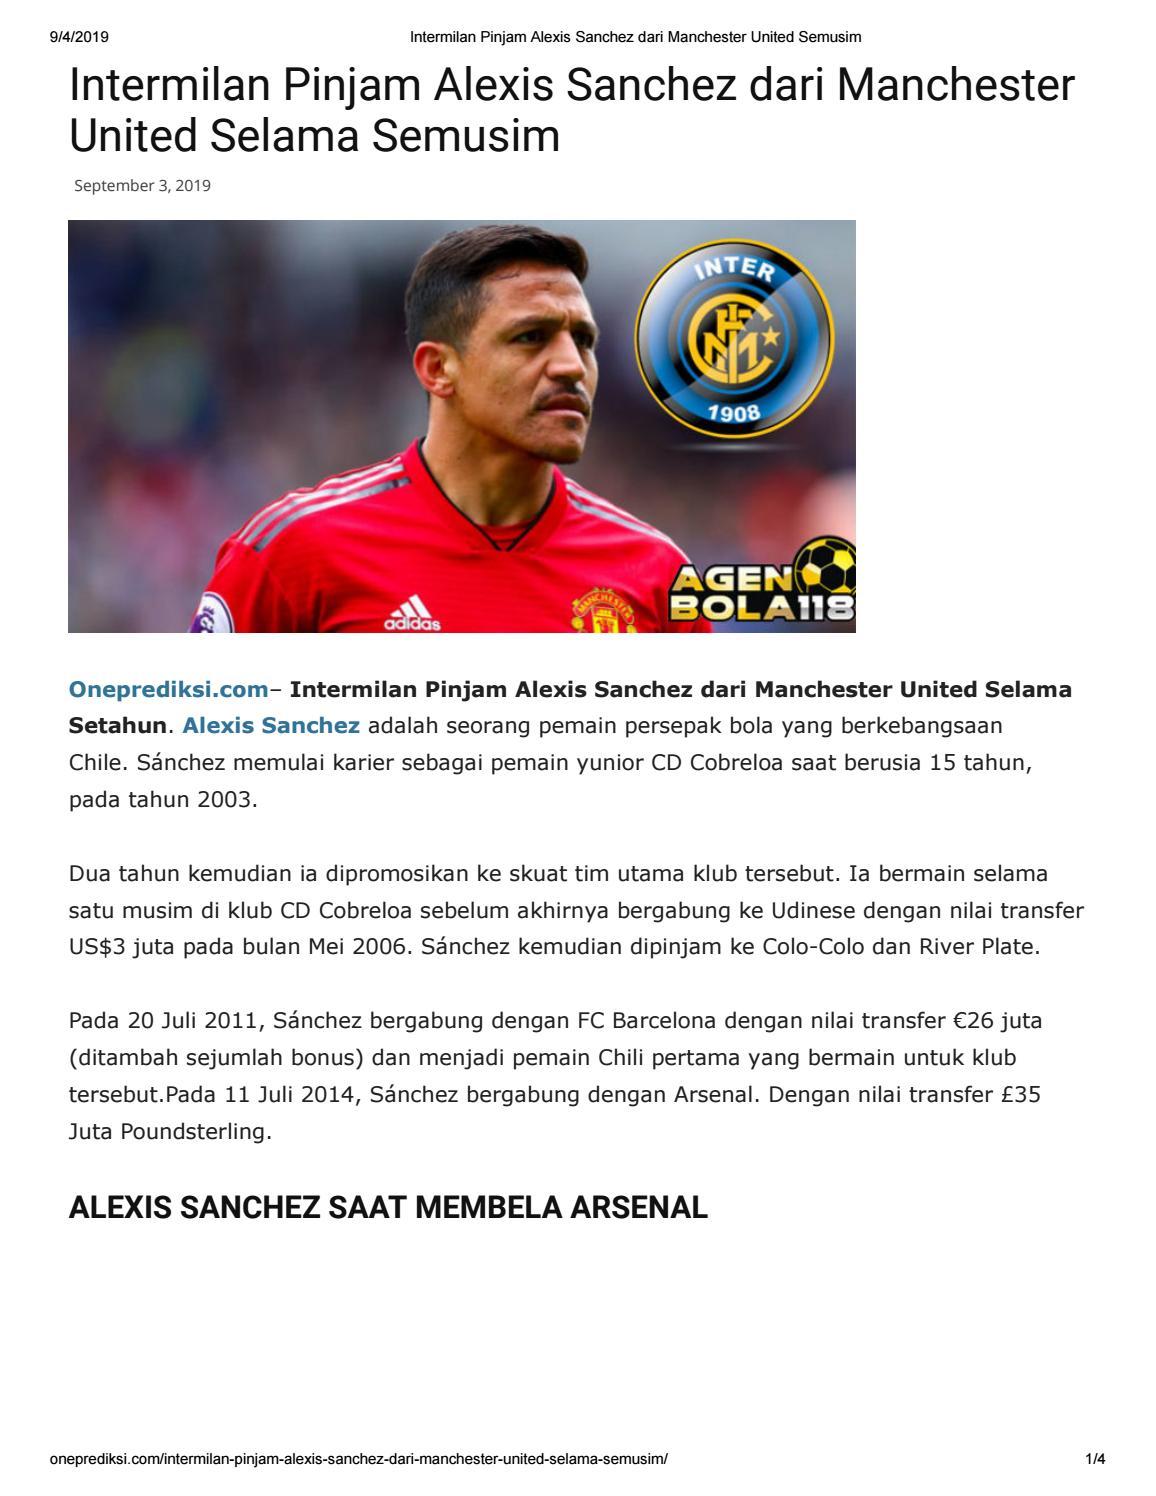 Intermilan Pinjam Alexis Sanchez Dari Manchester United